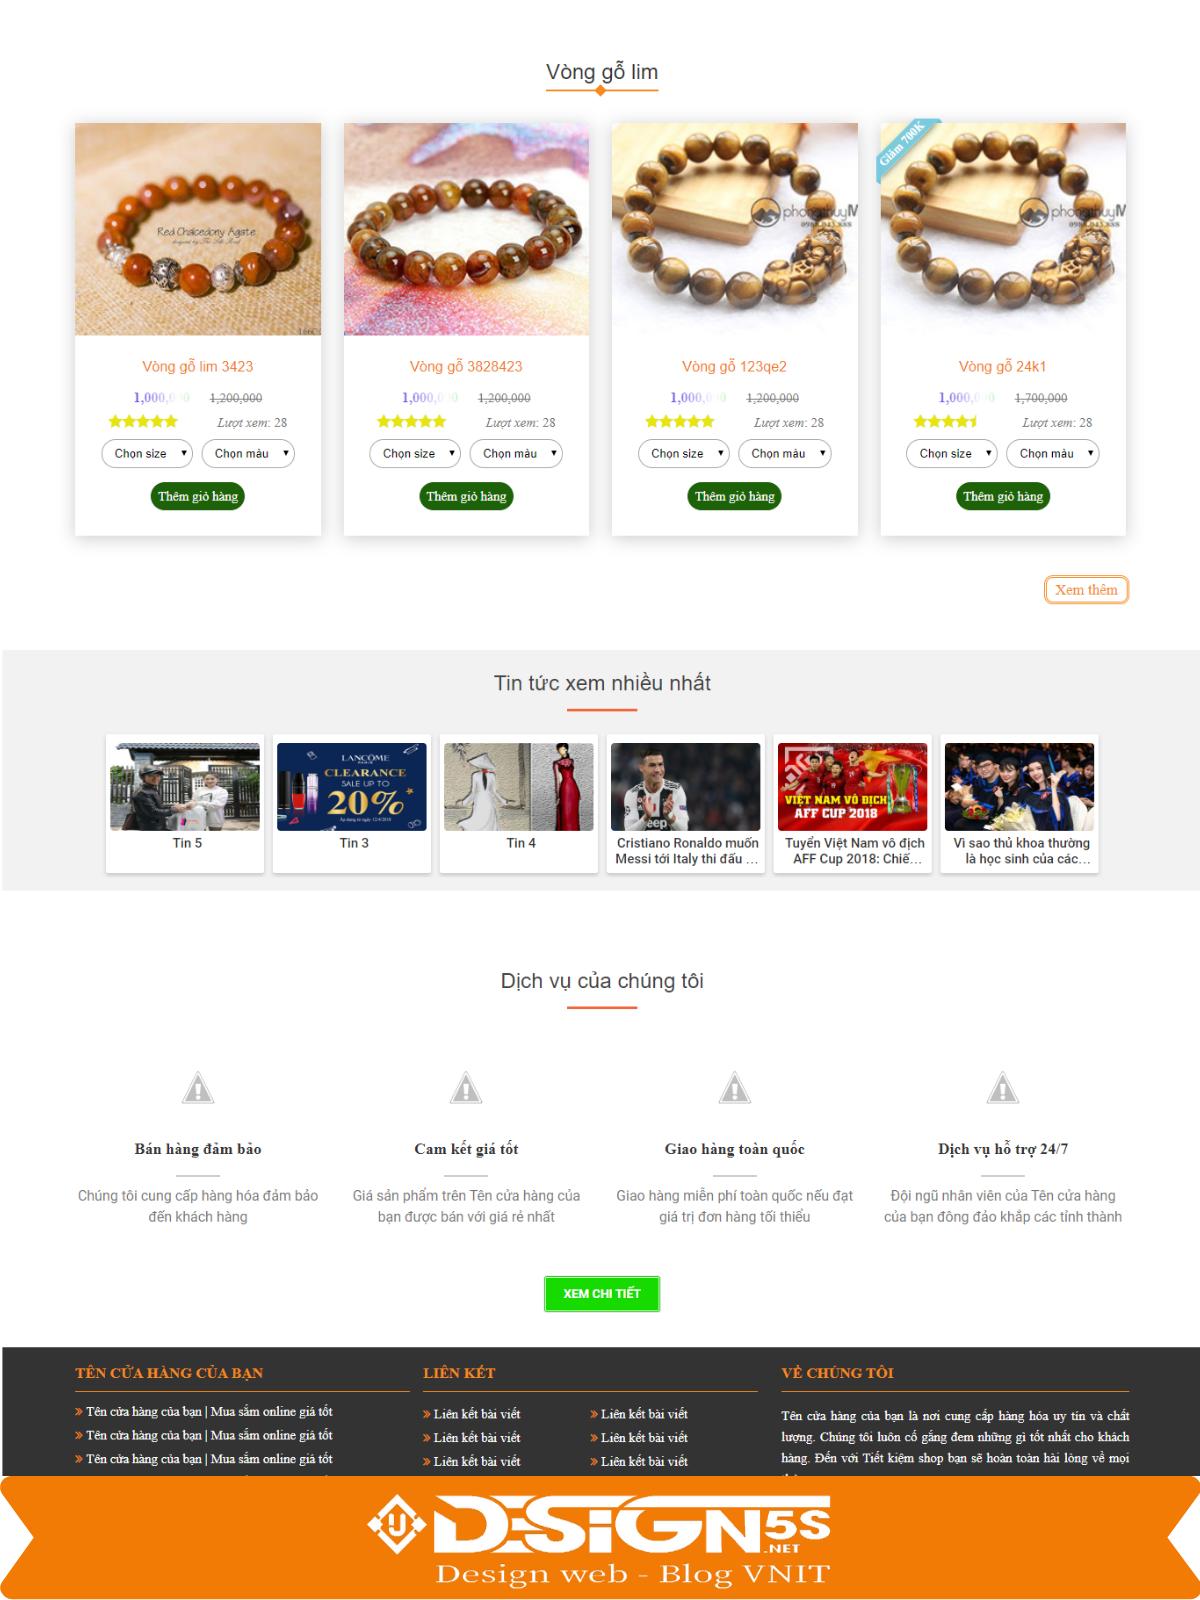 Mẫu Website Bán Đá Phong Thủy Chuyên Nghiệp - Ảnh 2